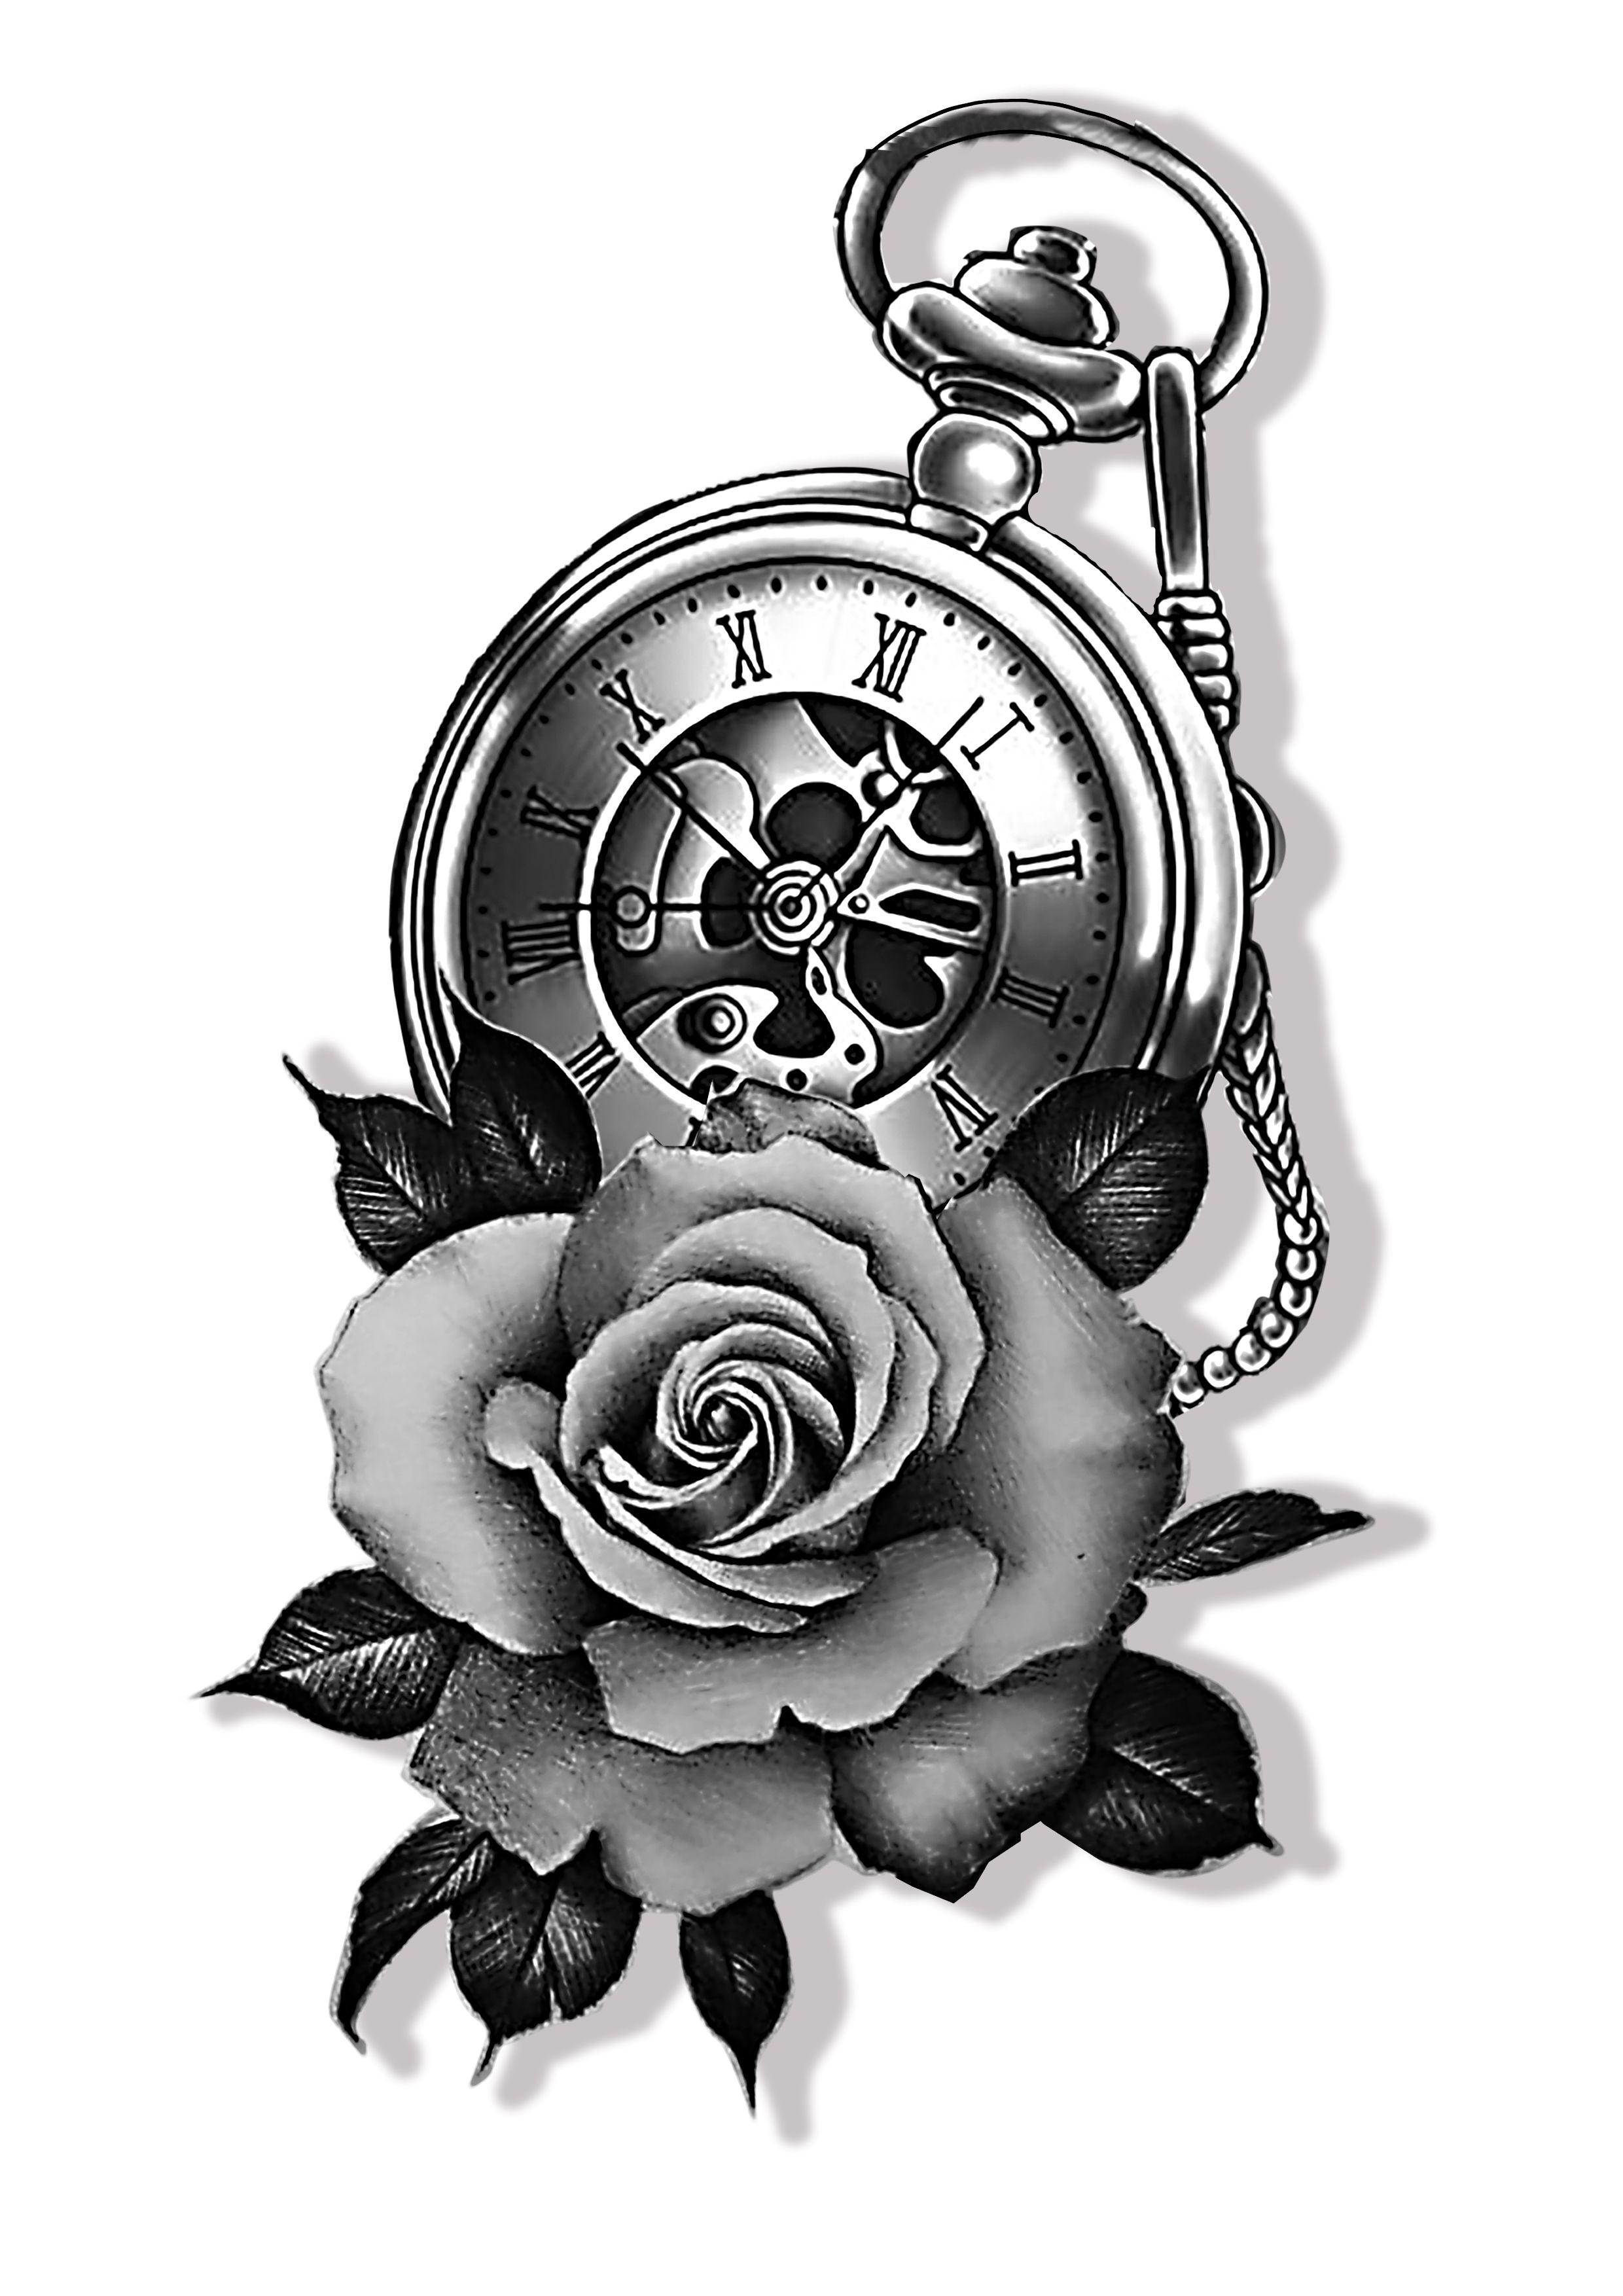 Time Piece Clock Tattoo Design Clock Tattoo Pocket Watch Tattoo Design